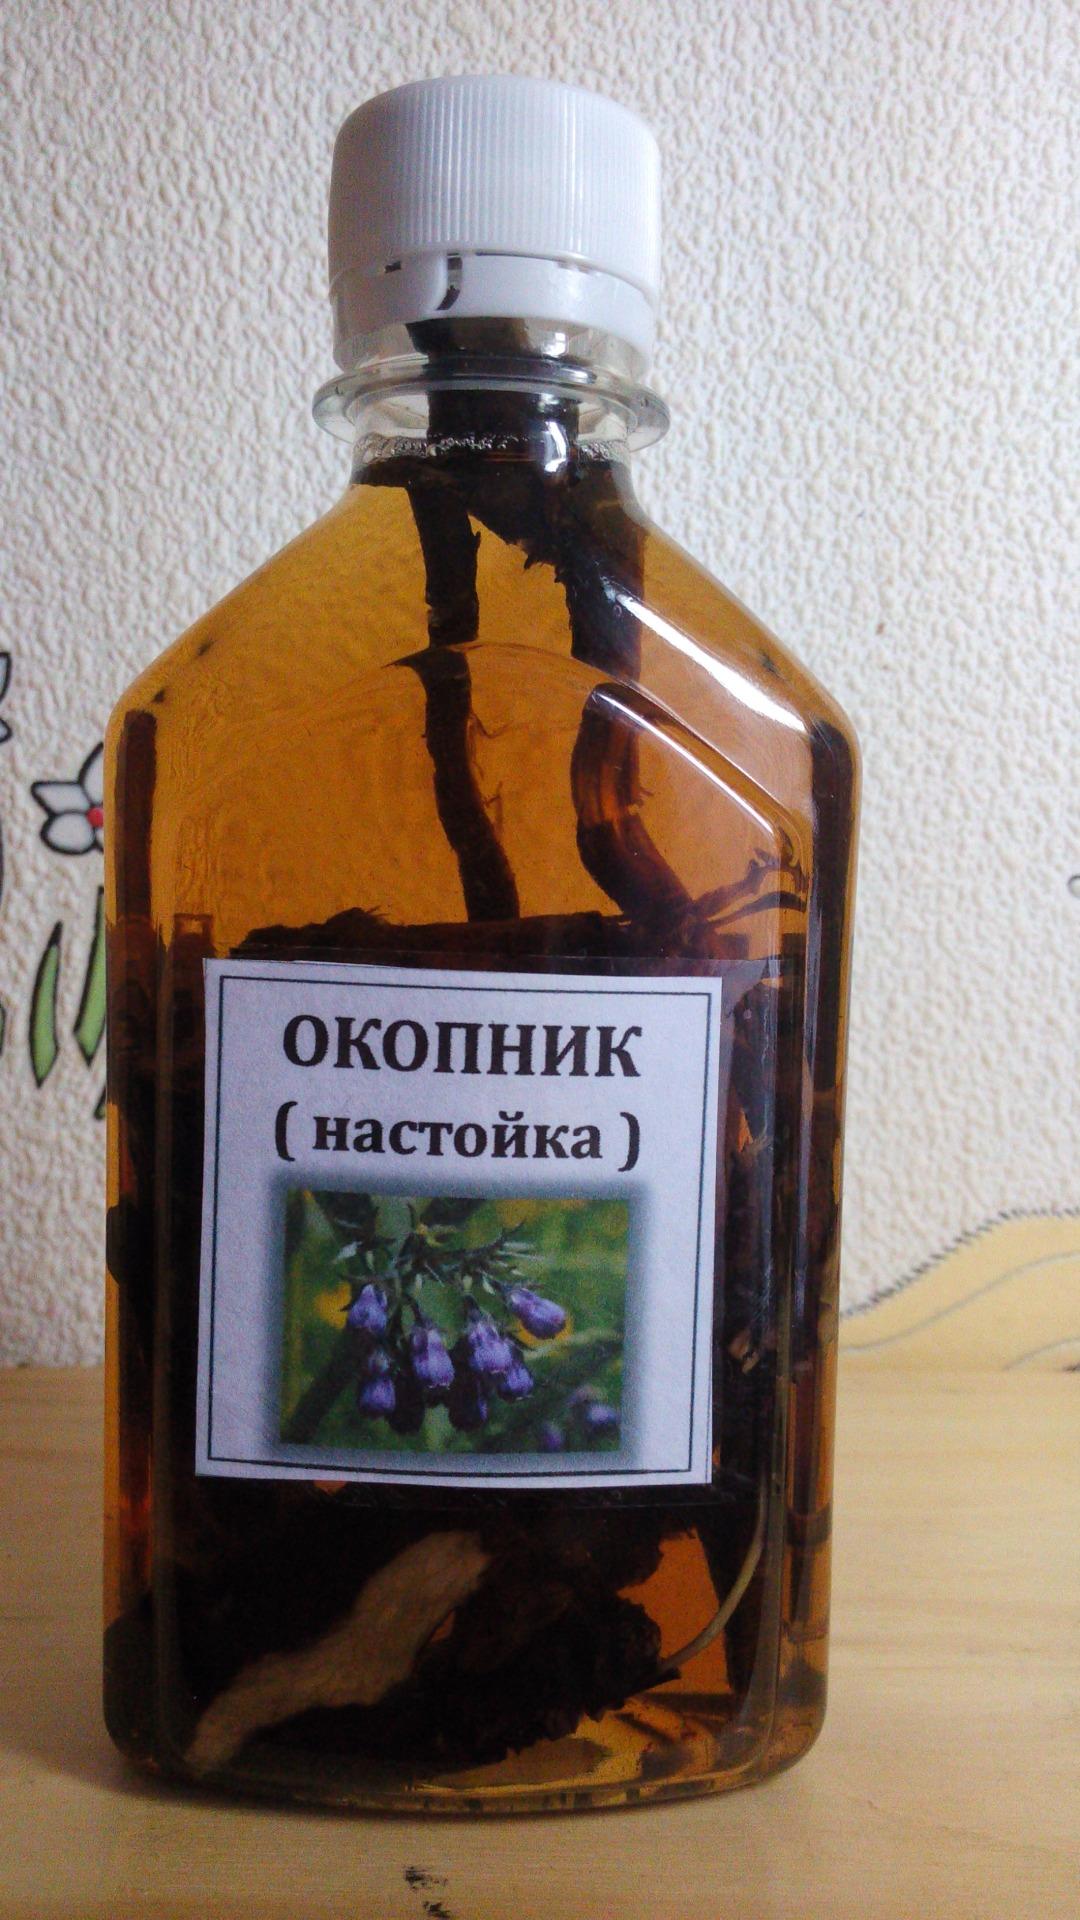 Окопник настойка алкоголизма бачкитау башкирия помощь наркоманам